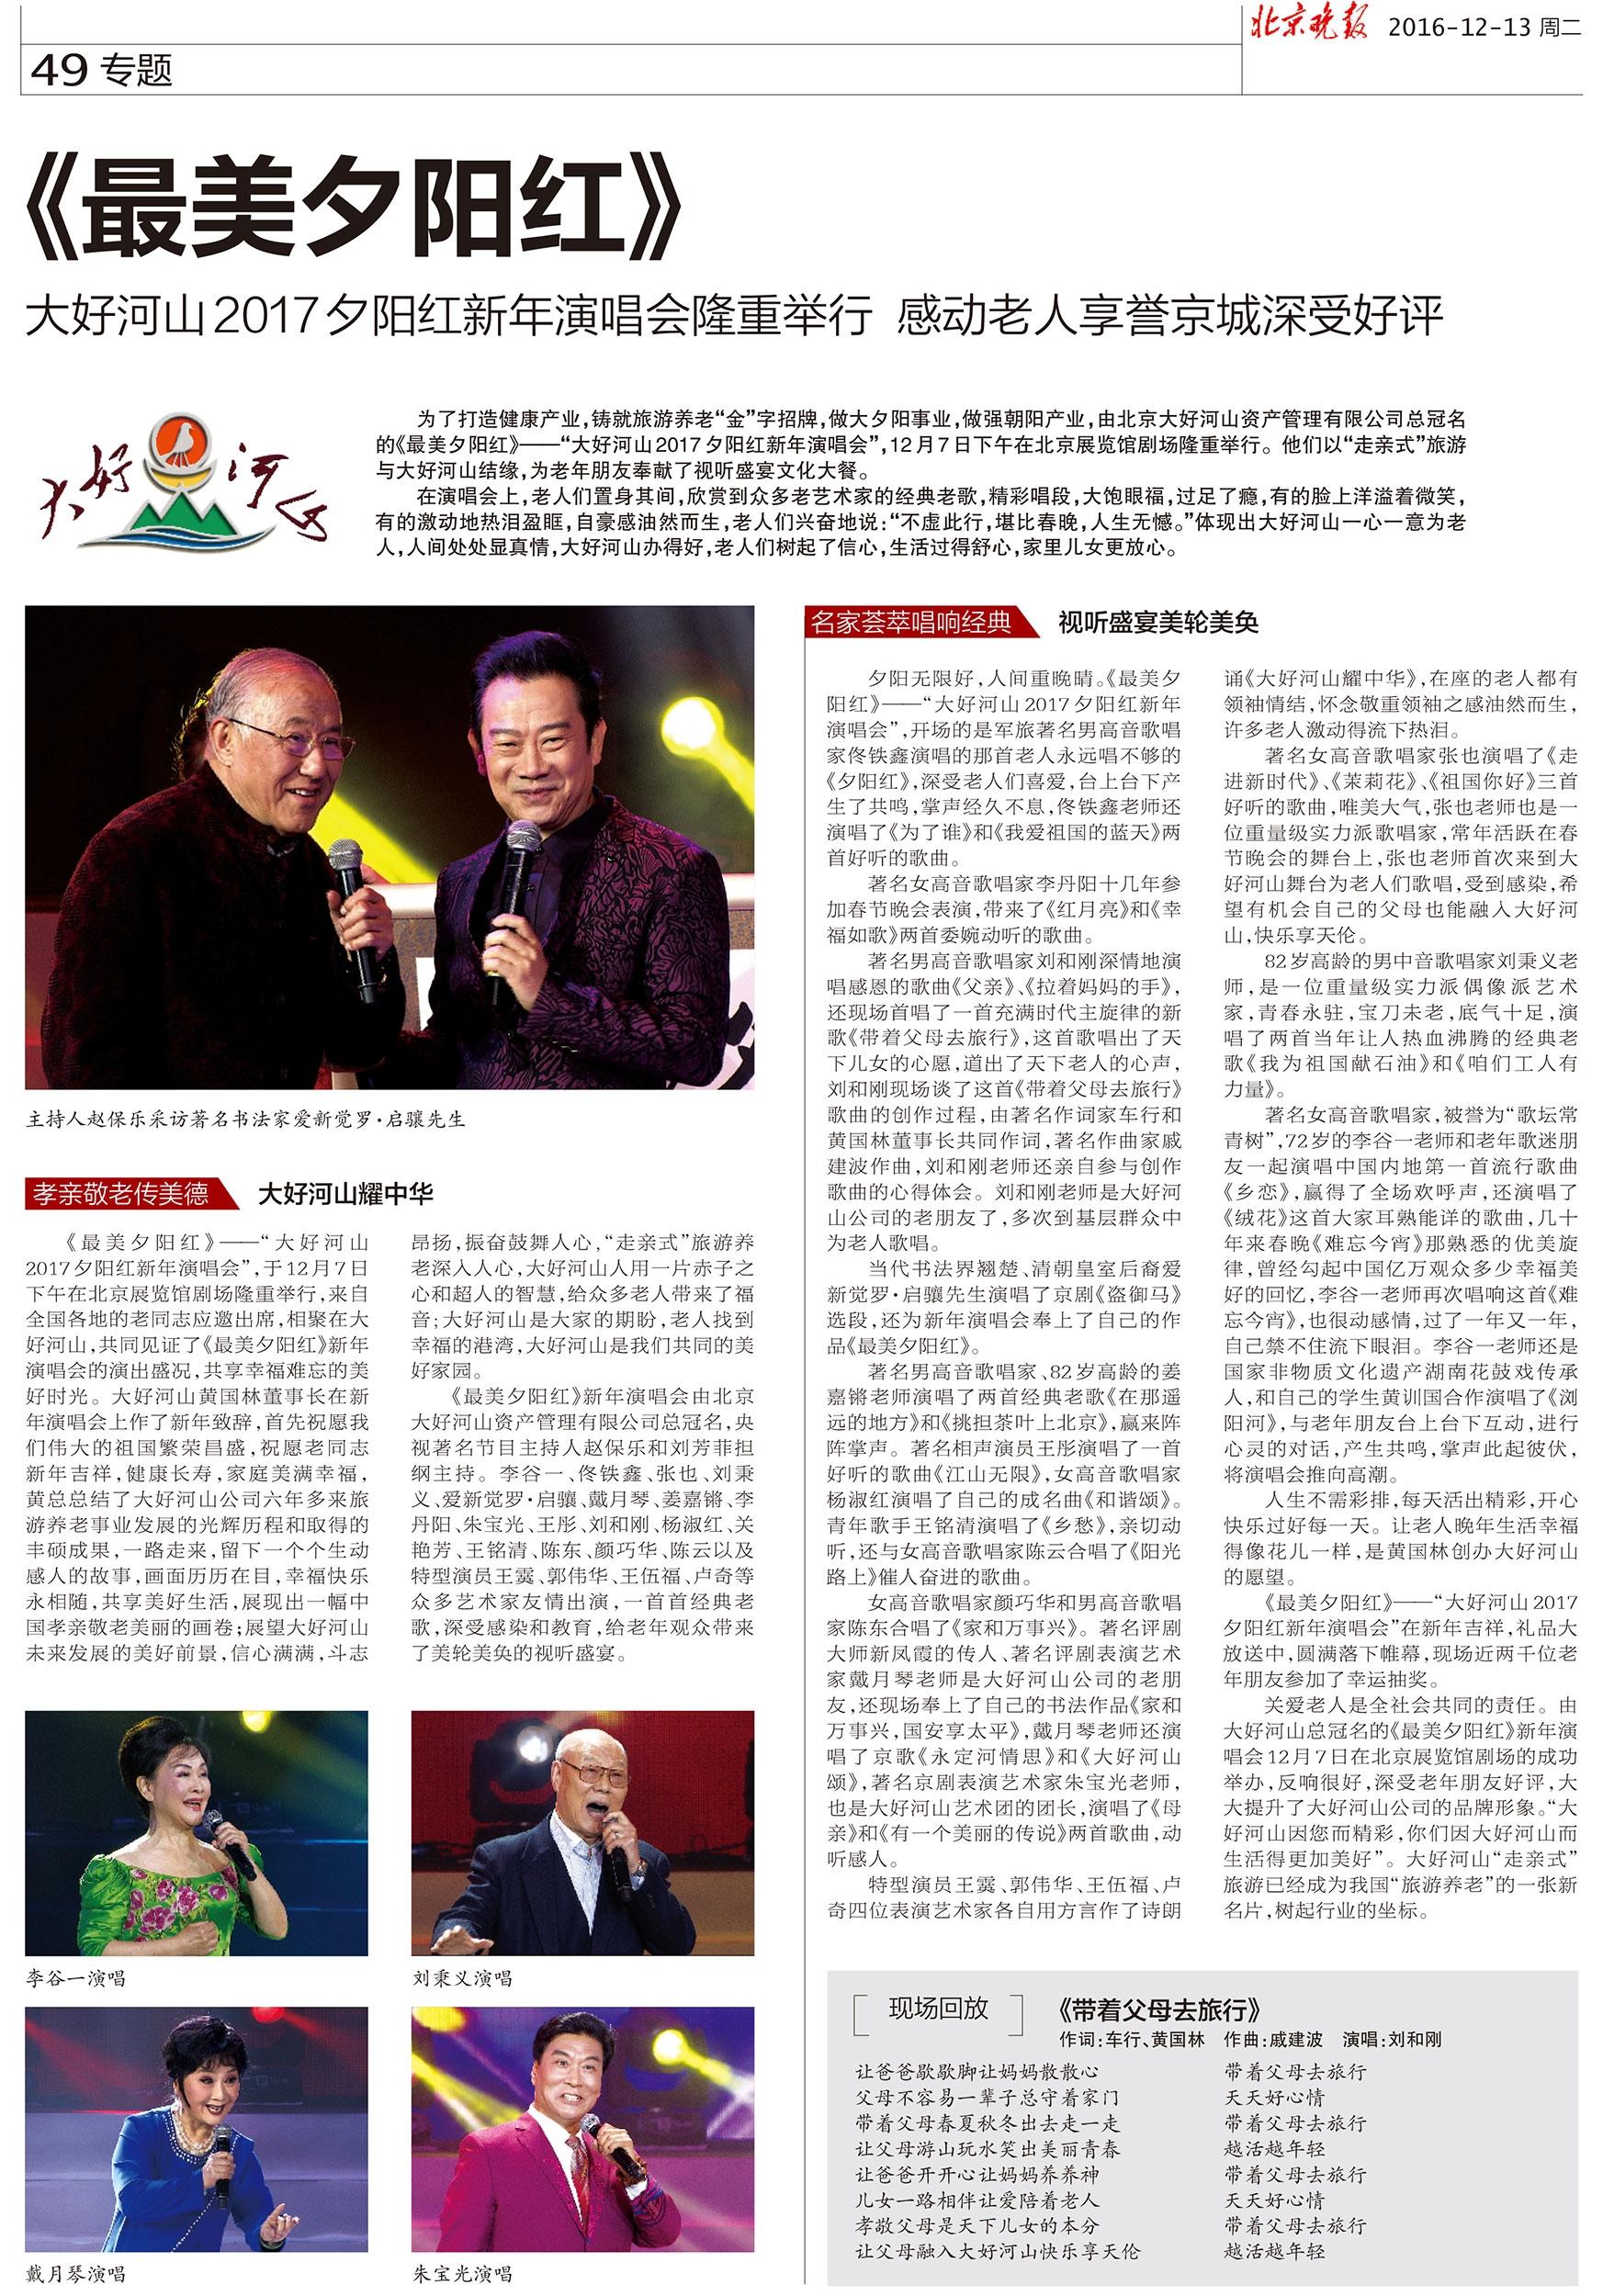 北京晚报 2016-12-13 专题49